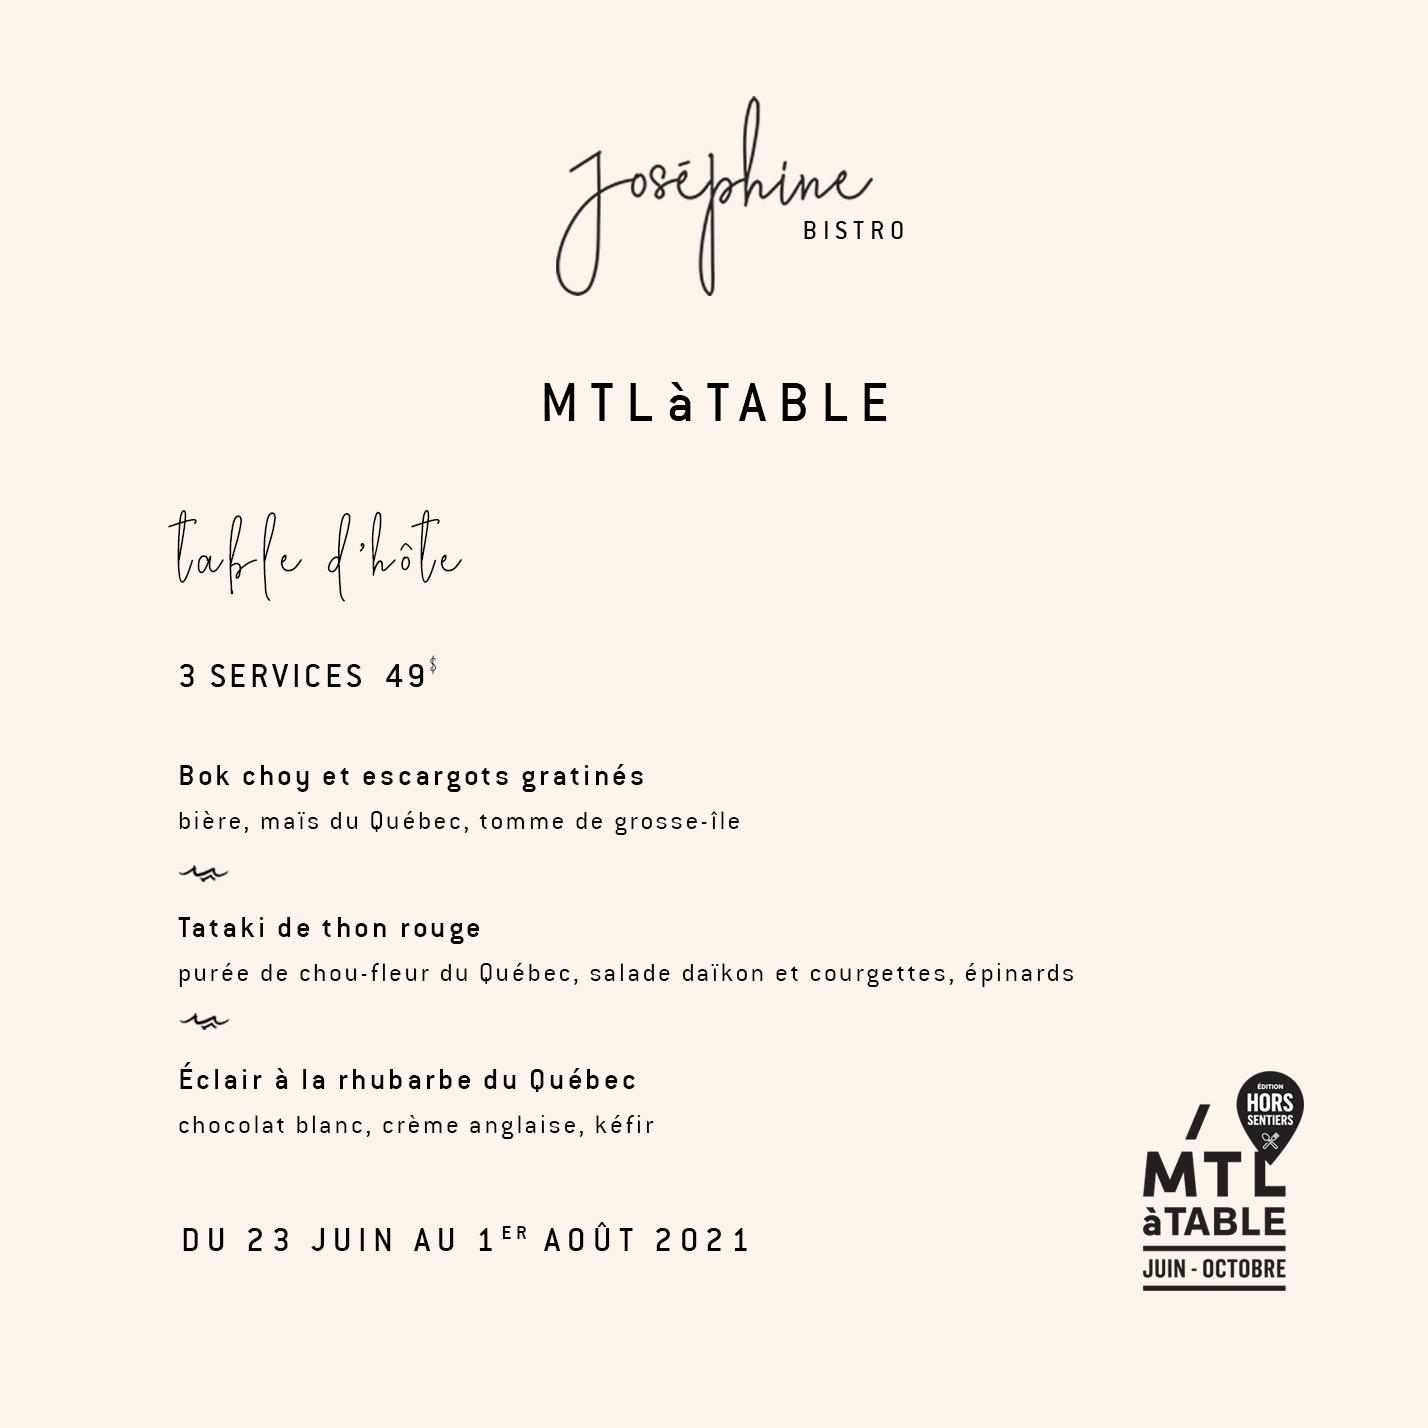 Menu table d'hôte restaurant Joséphine pour MTLàTABLE